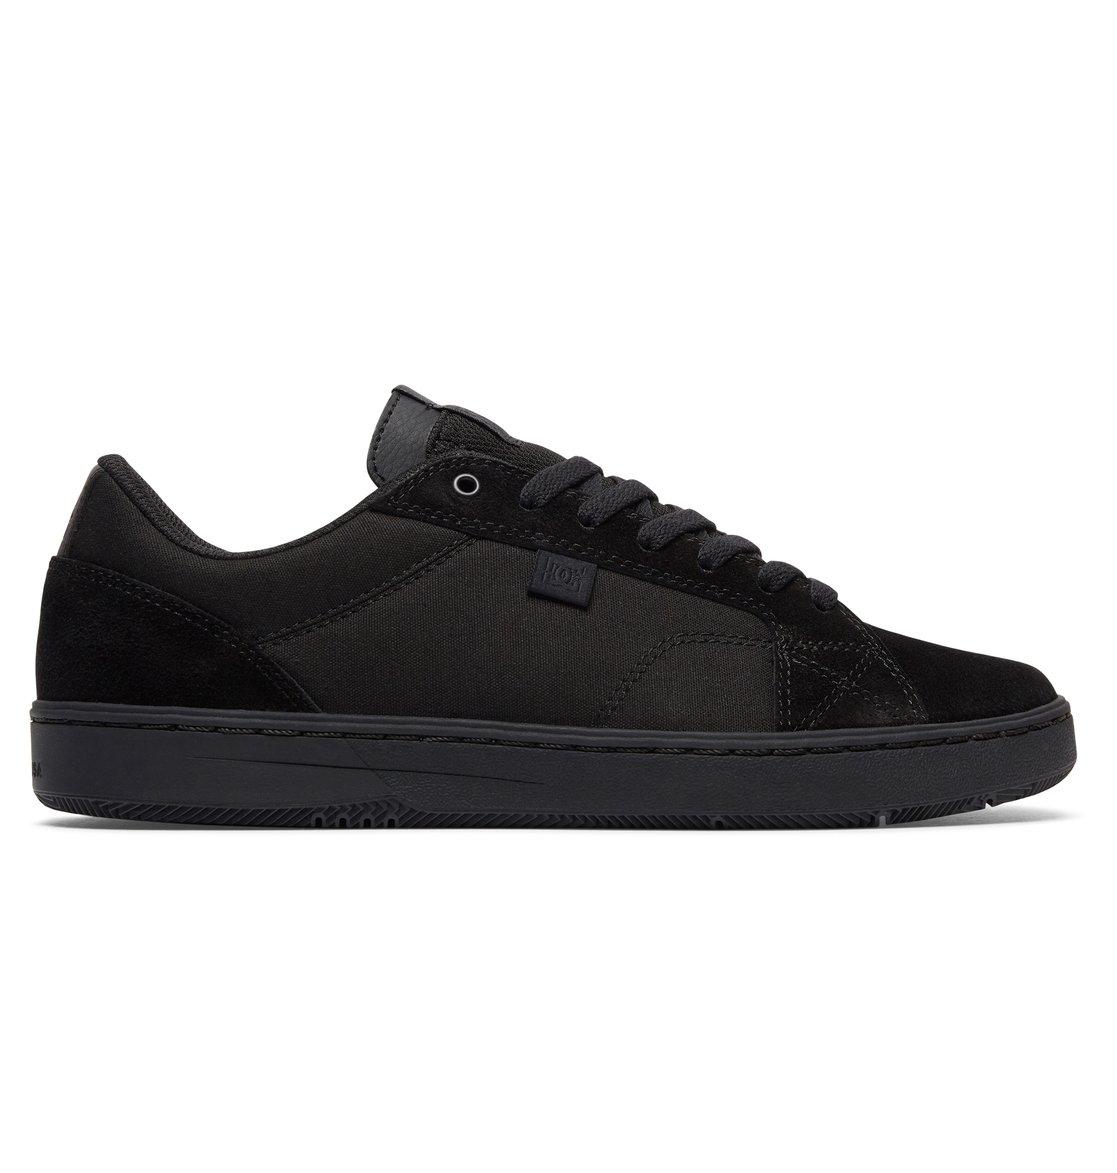 1117x1173 Men's Astor Shoes Adys100358 Dc Shoes